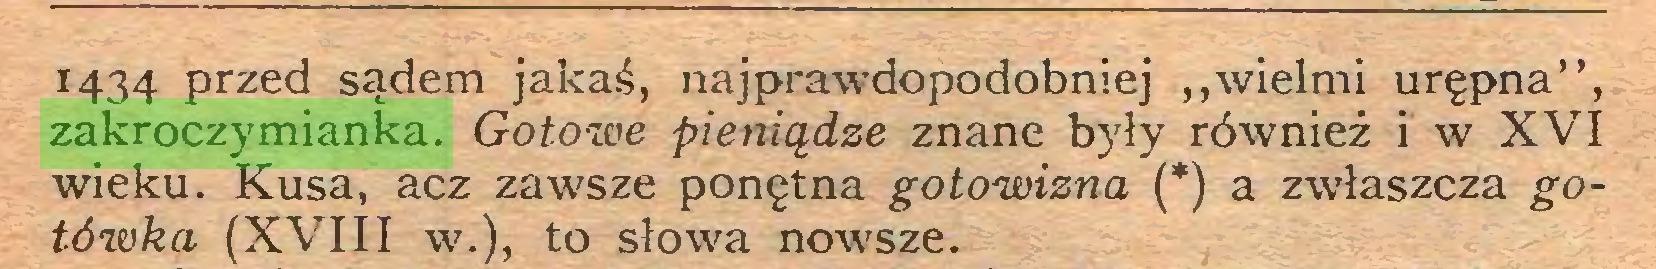 """(...) 1434 przed sądem jakaś, najprawdopodobniej """"wielmi urępna"""", zakroczymianka. Gotowe pieniądze znane były również i w XVI wieku. Kusa, acz zawsze ponętna gotowizna (*) a zwłaszcza gotówka (XVIII w.), to słowa nowsze..."""